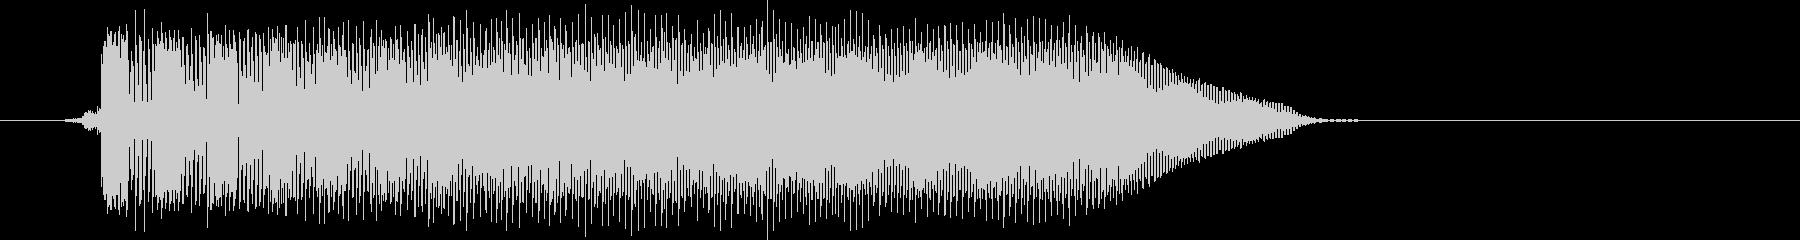 AMGアナログFX 53の未再生の波形